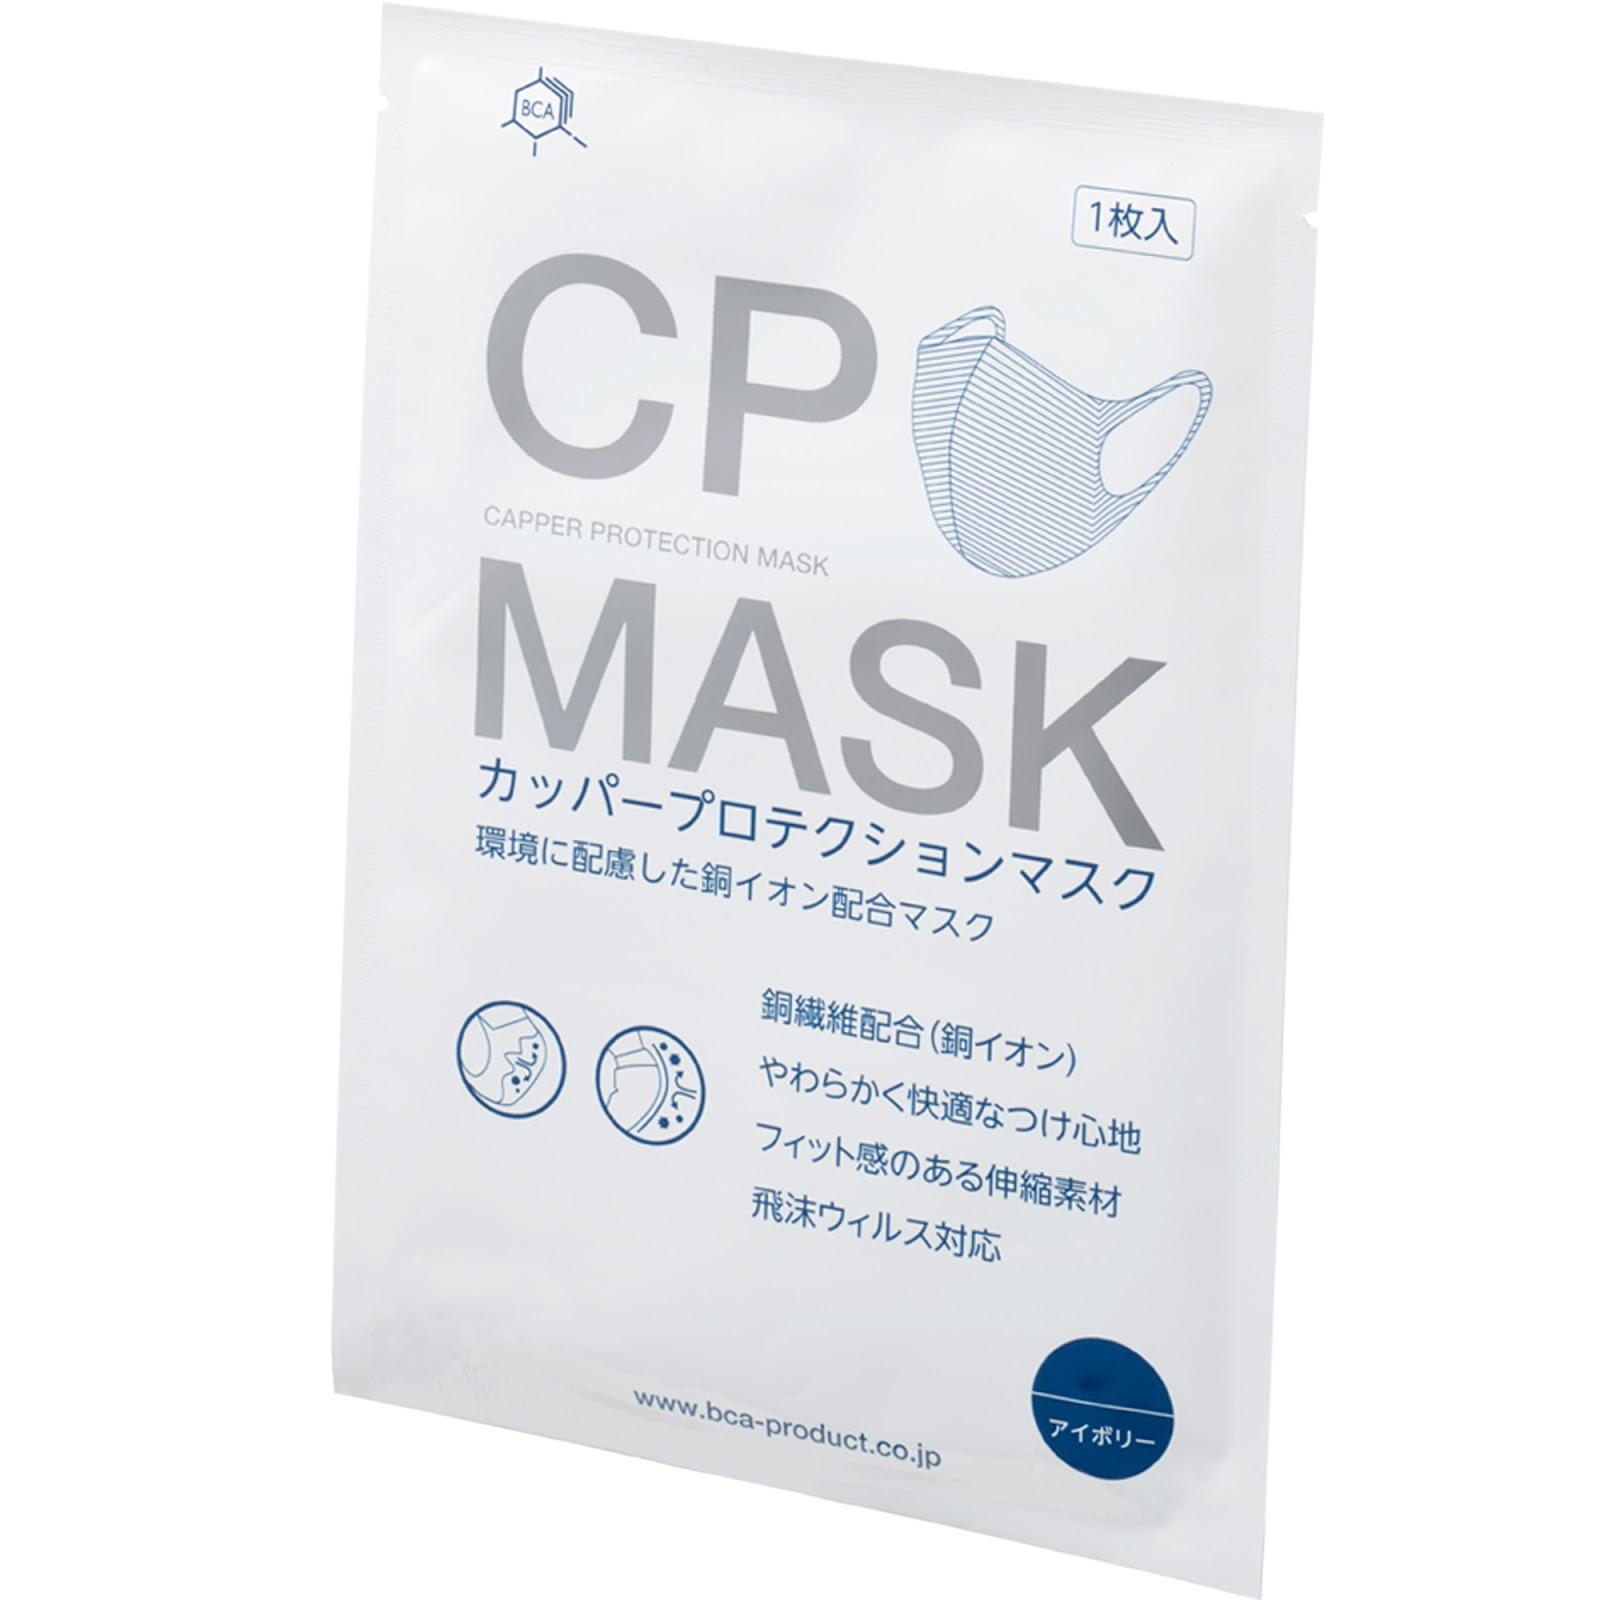 冷え マスク イオン